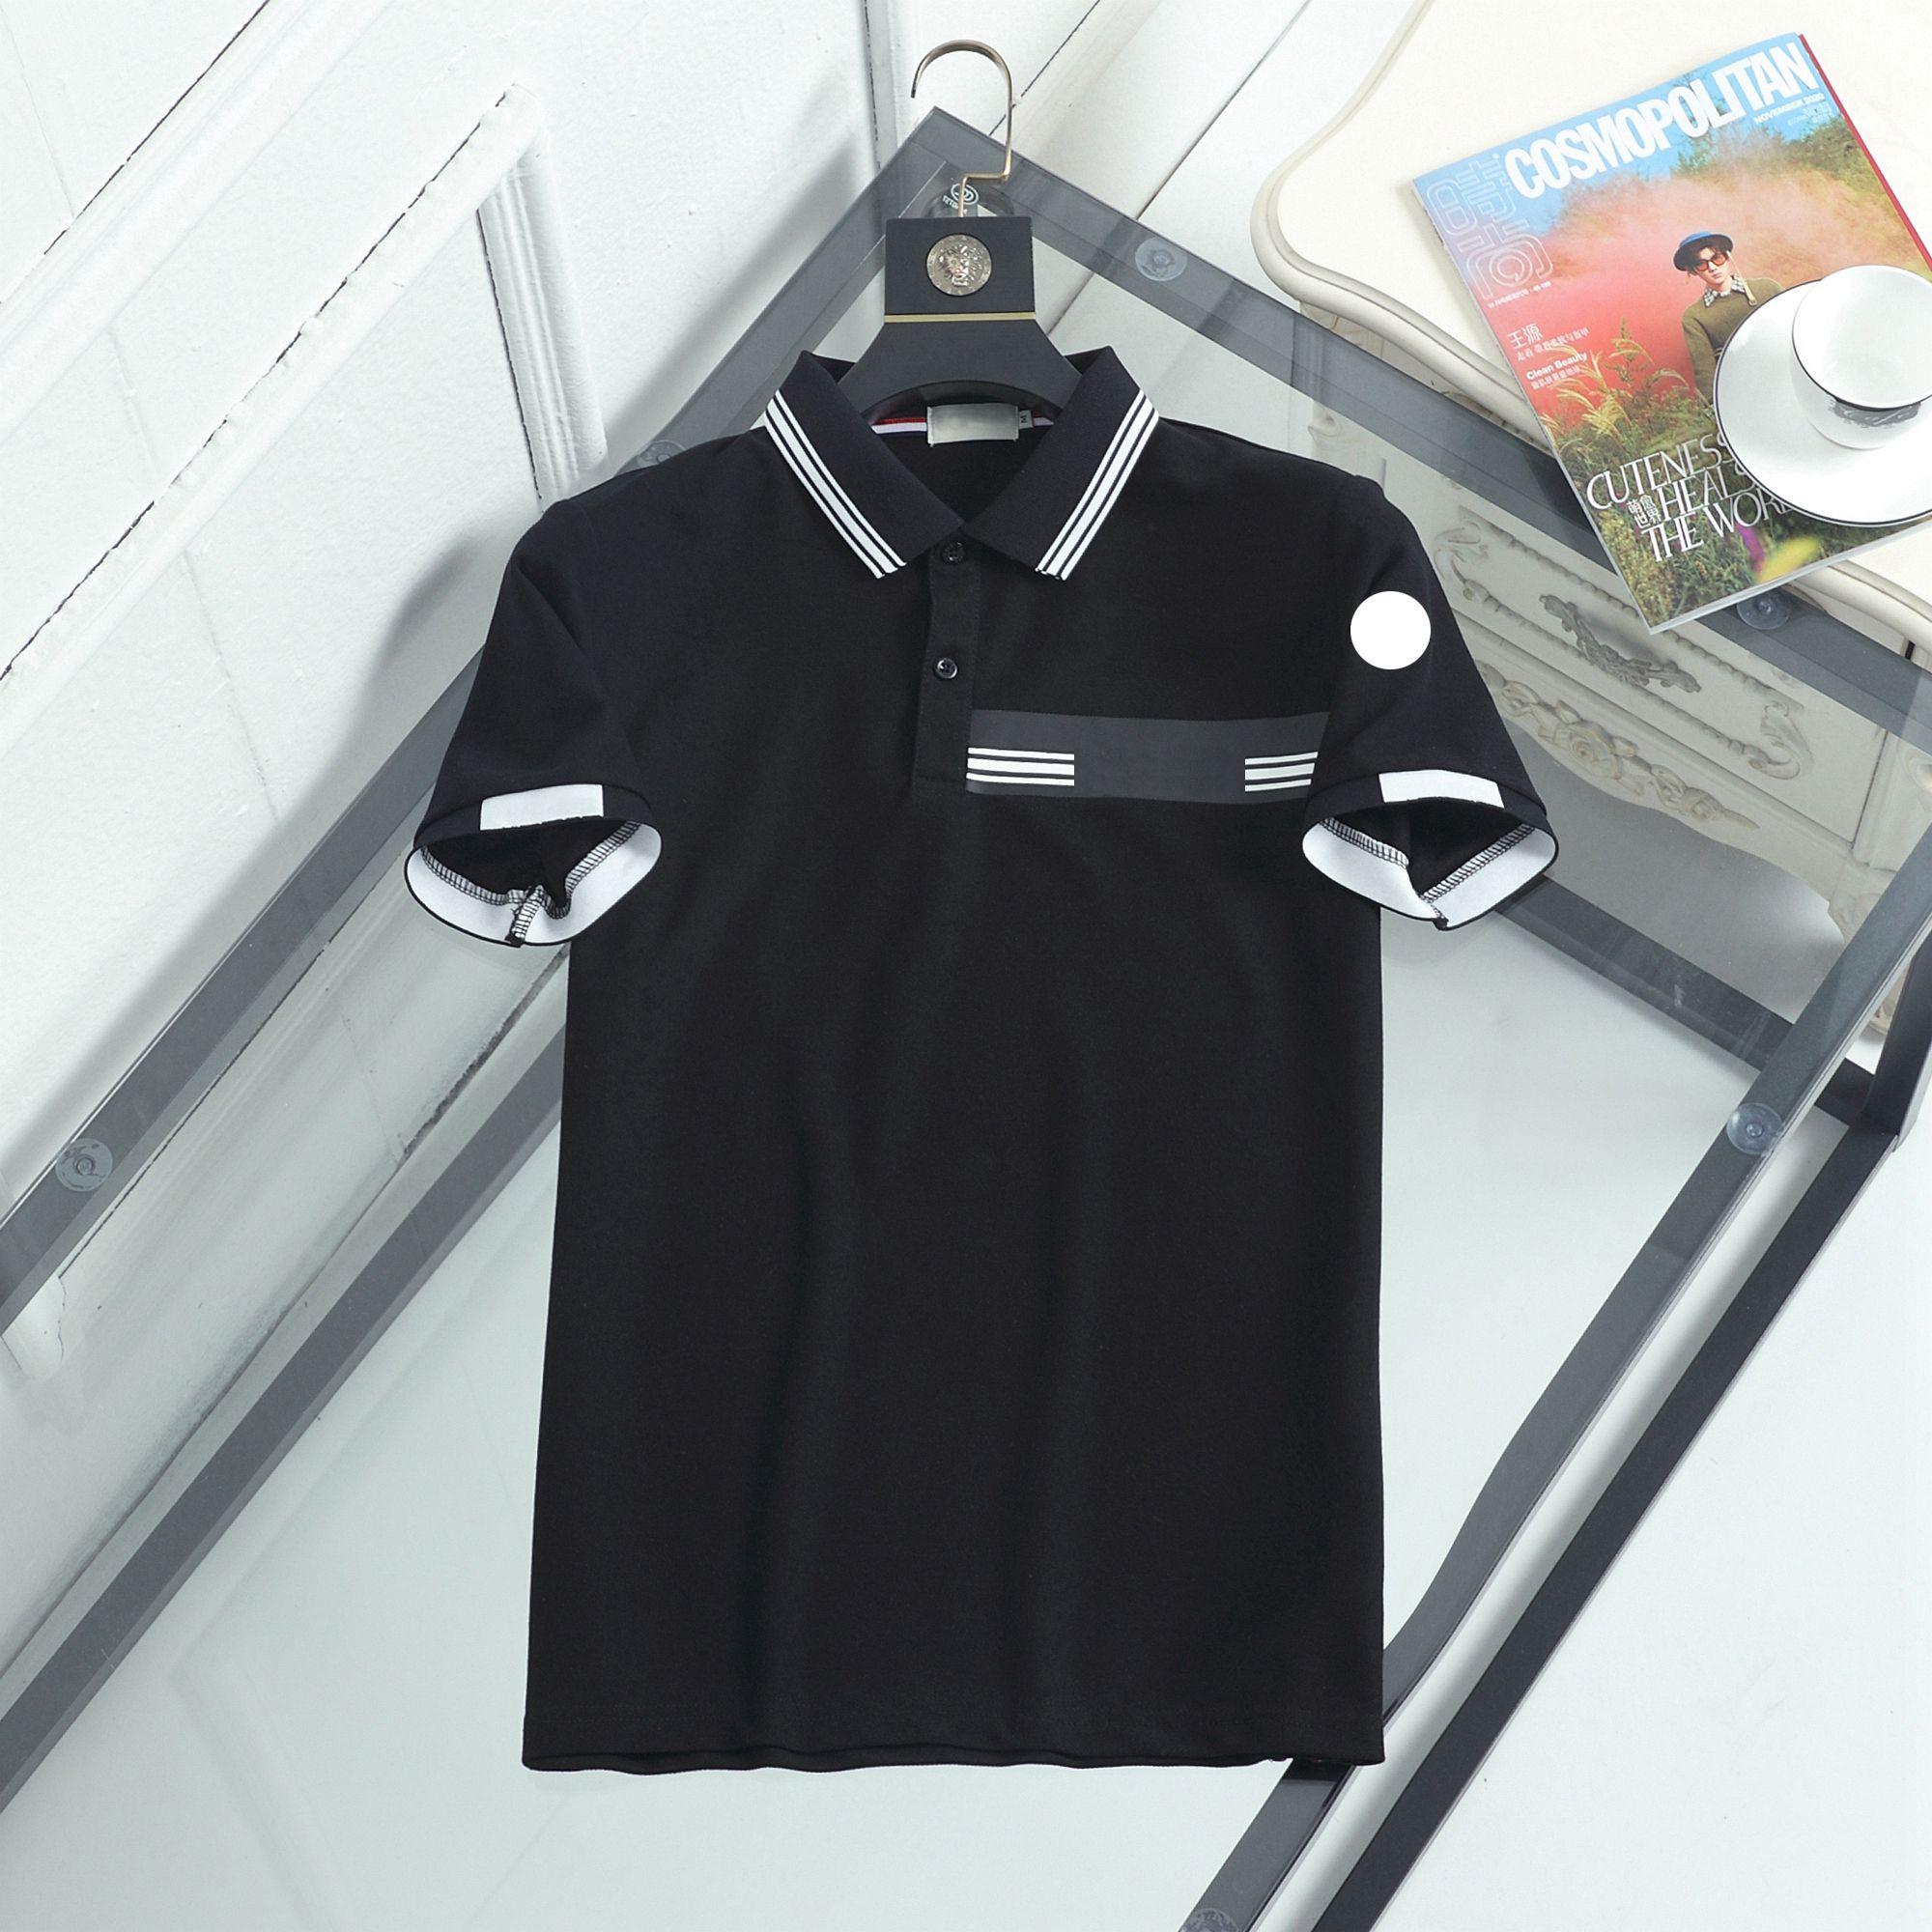 Designer Monclair Herren Polos Luxus Streifen Brief Gedruckt Männer SOlo Tshirts Mode Doppelsperlen Marke Boutique Solide Farbe Top Kurz T-Shirt 003